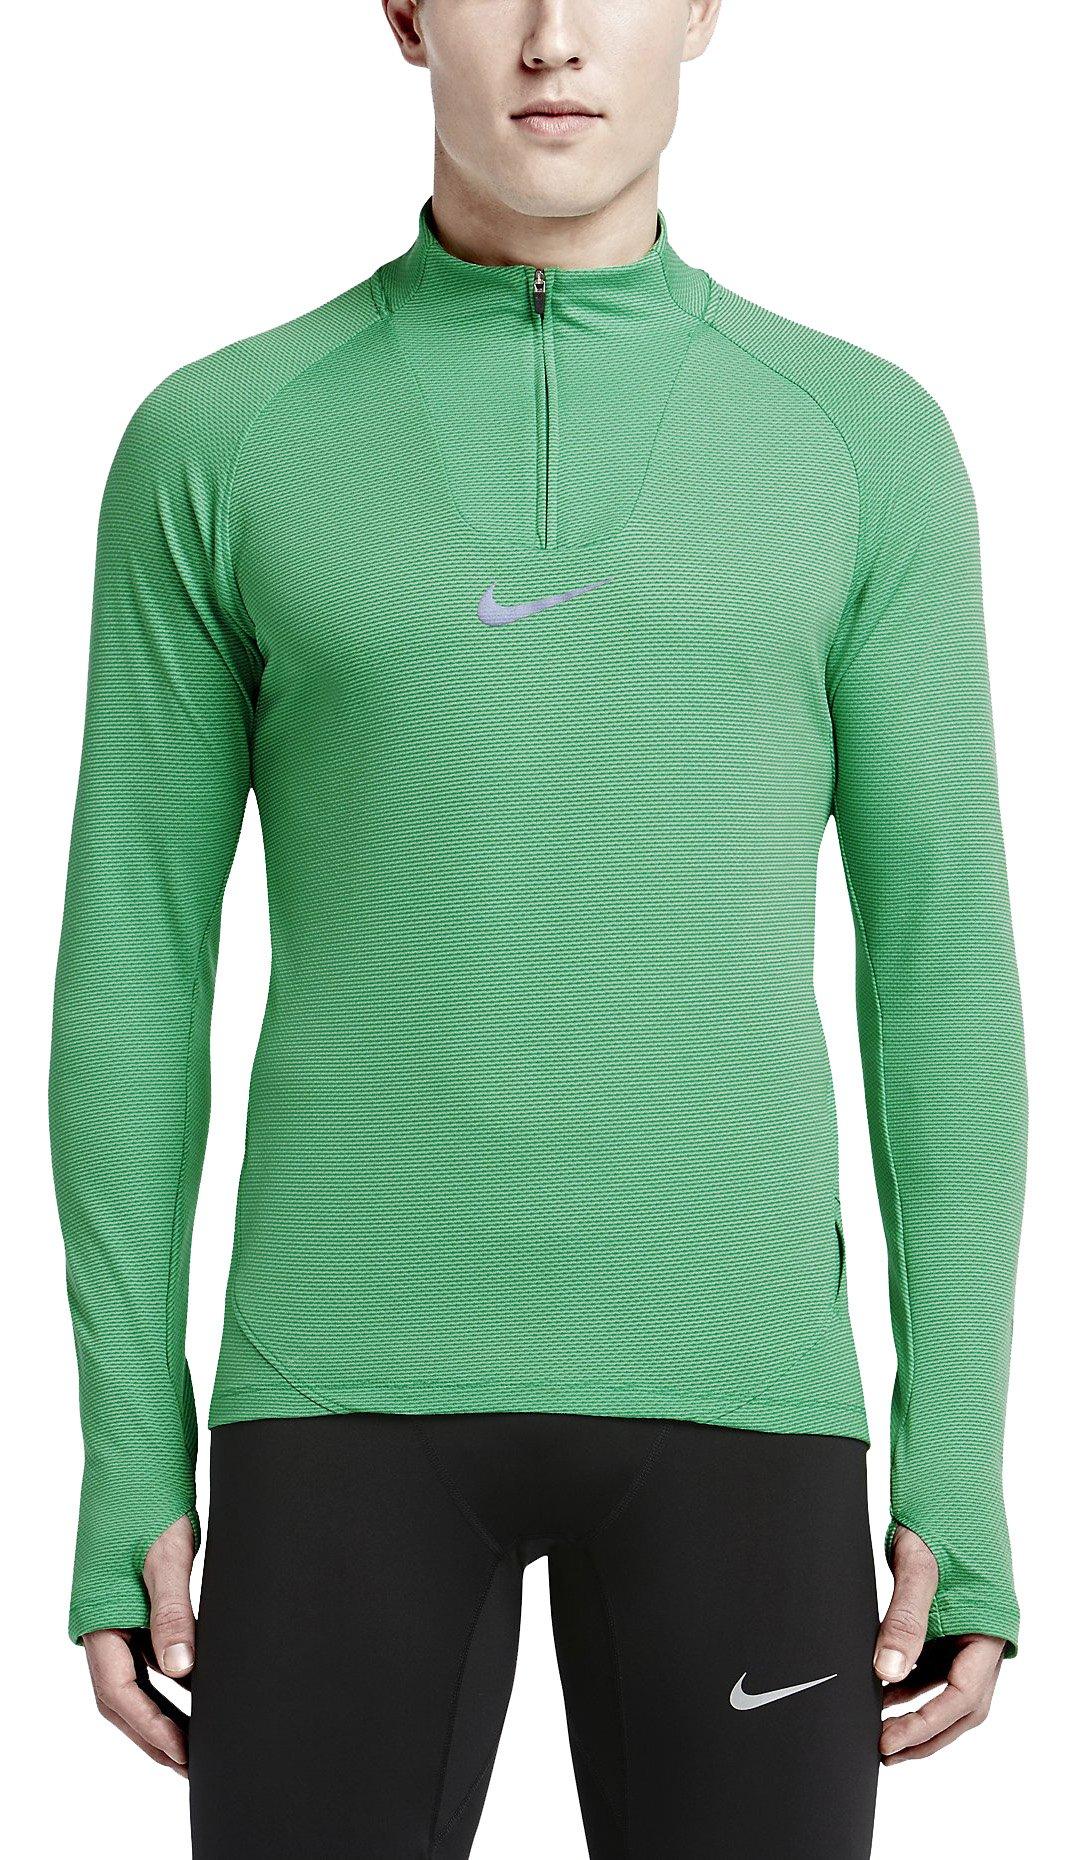 Triko s dlouhým rukávem Nike DF AEROREACT HALF ZIP